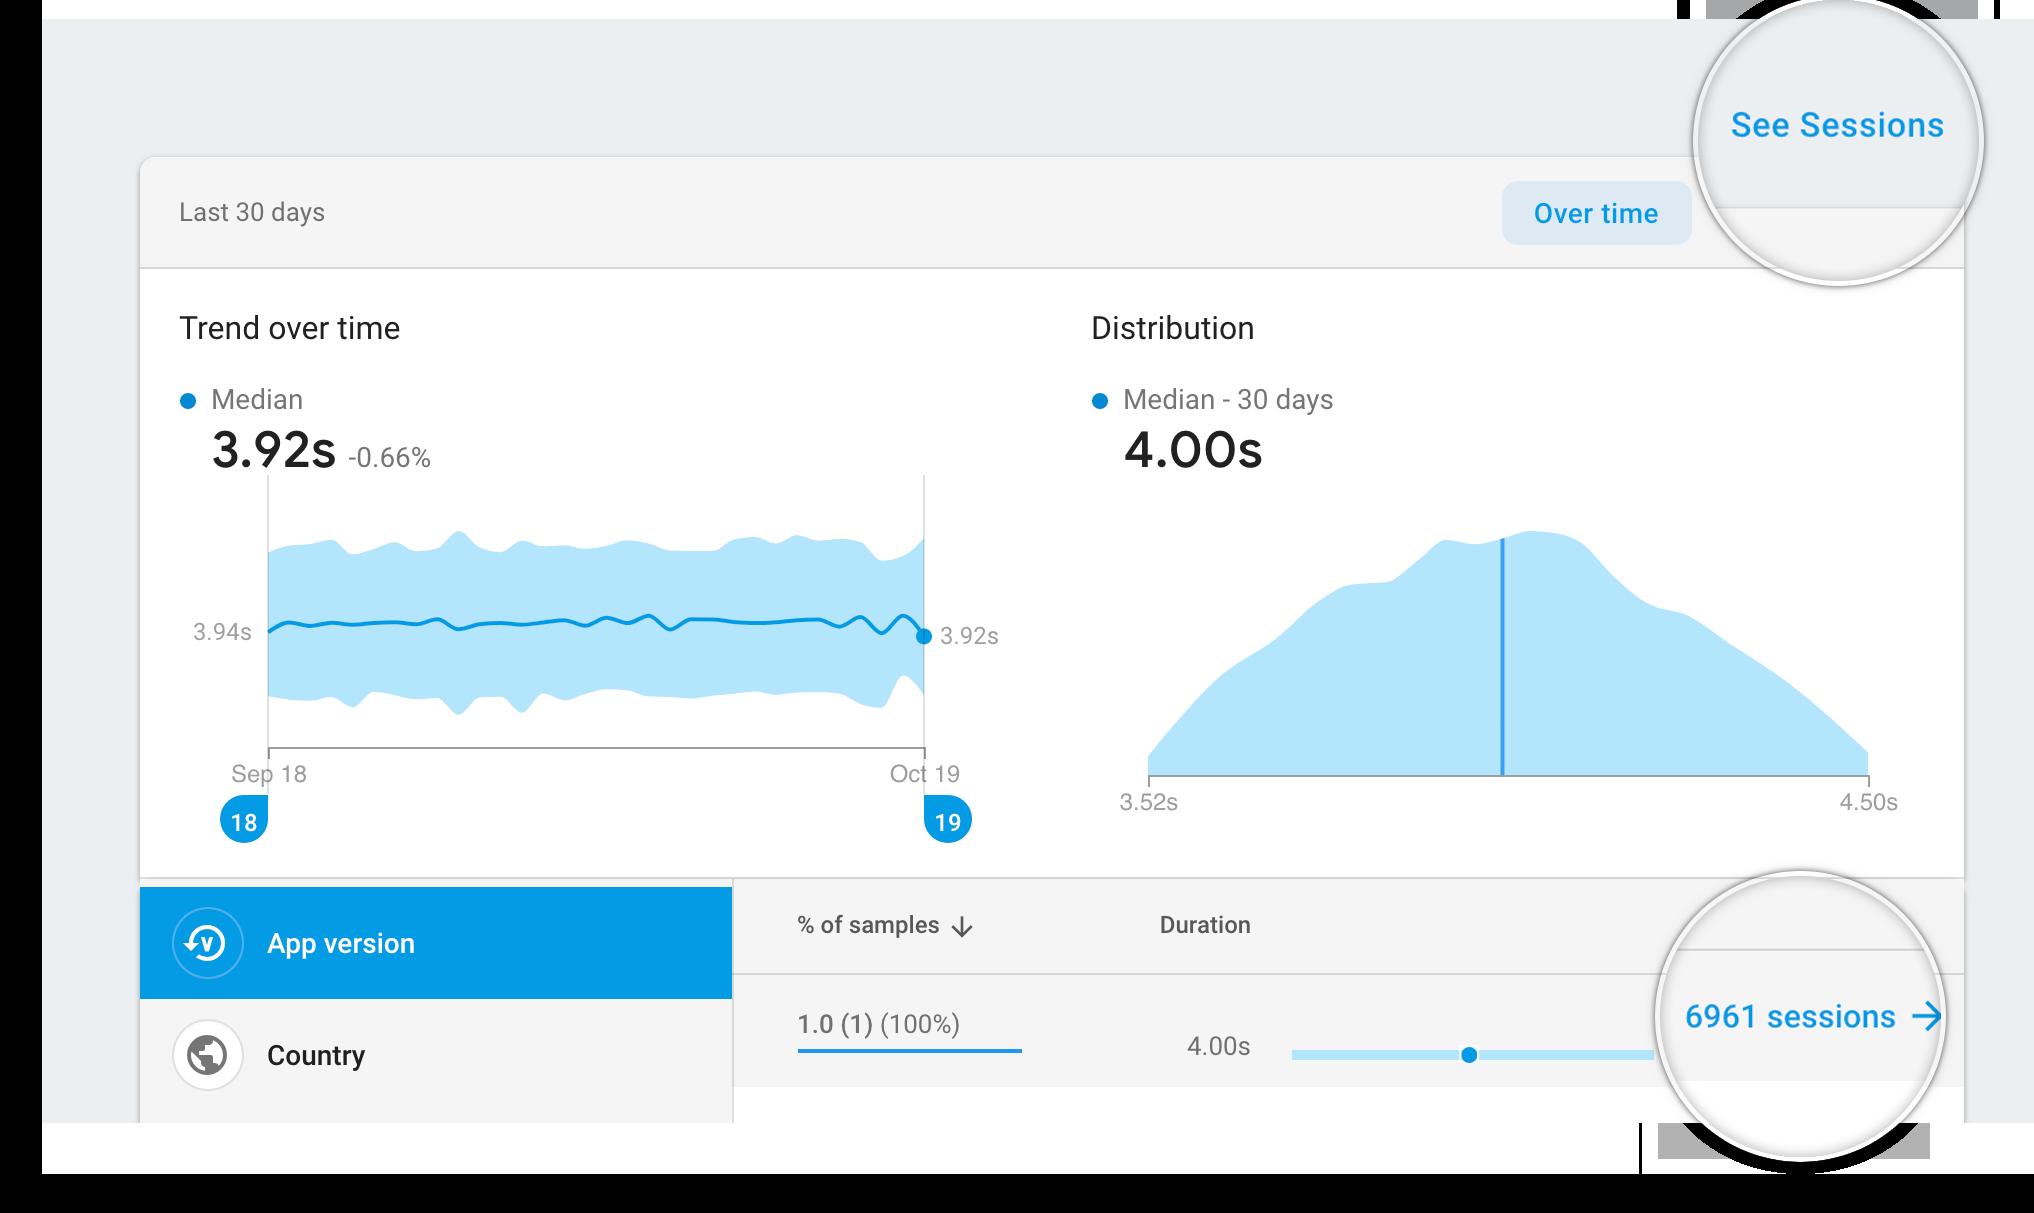 uma imagem do trace do Monitoramento de desempenho do Firebase com um link para as sessões